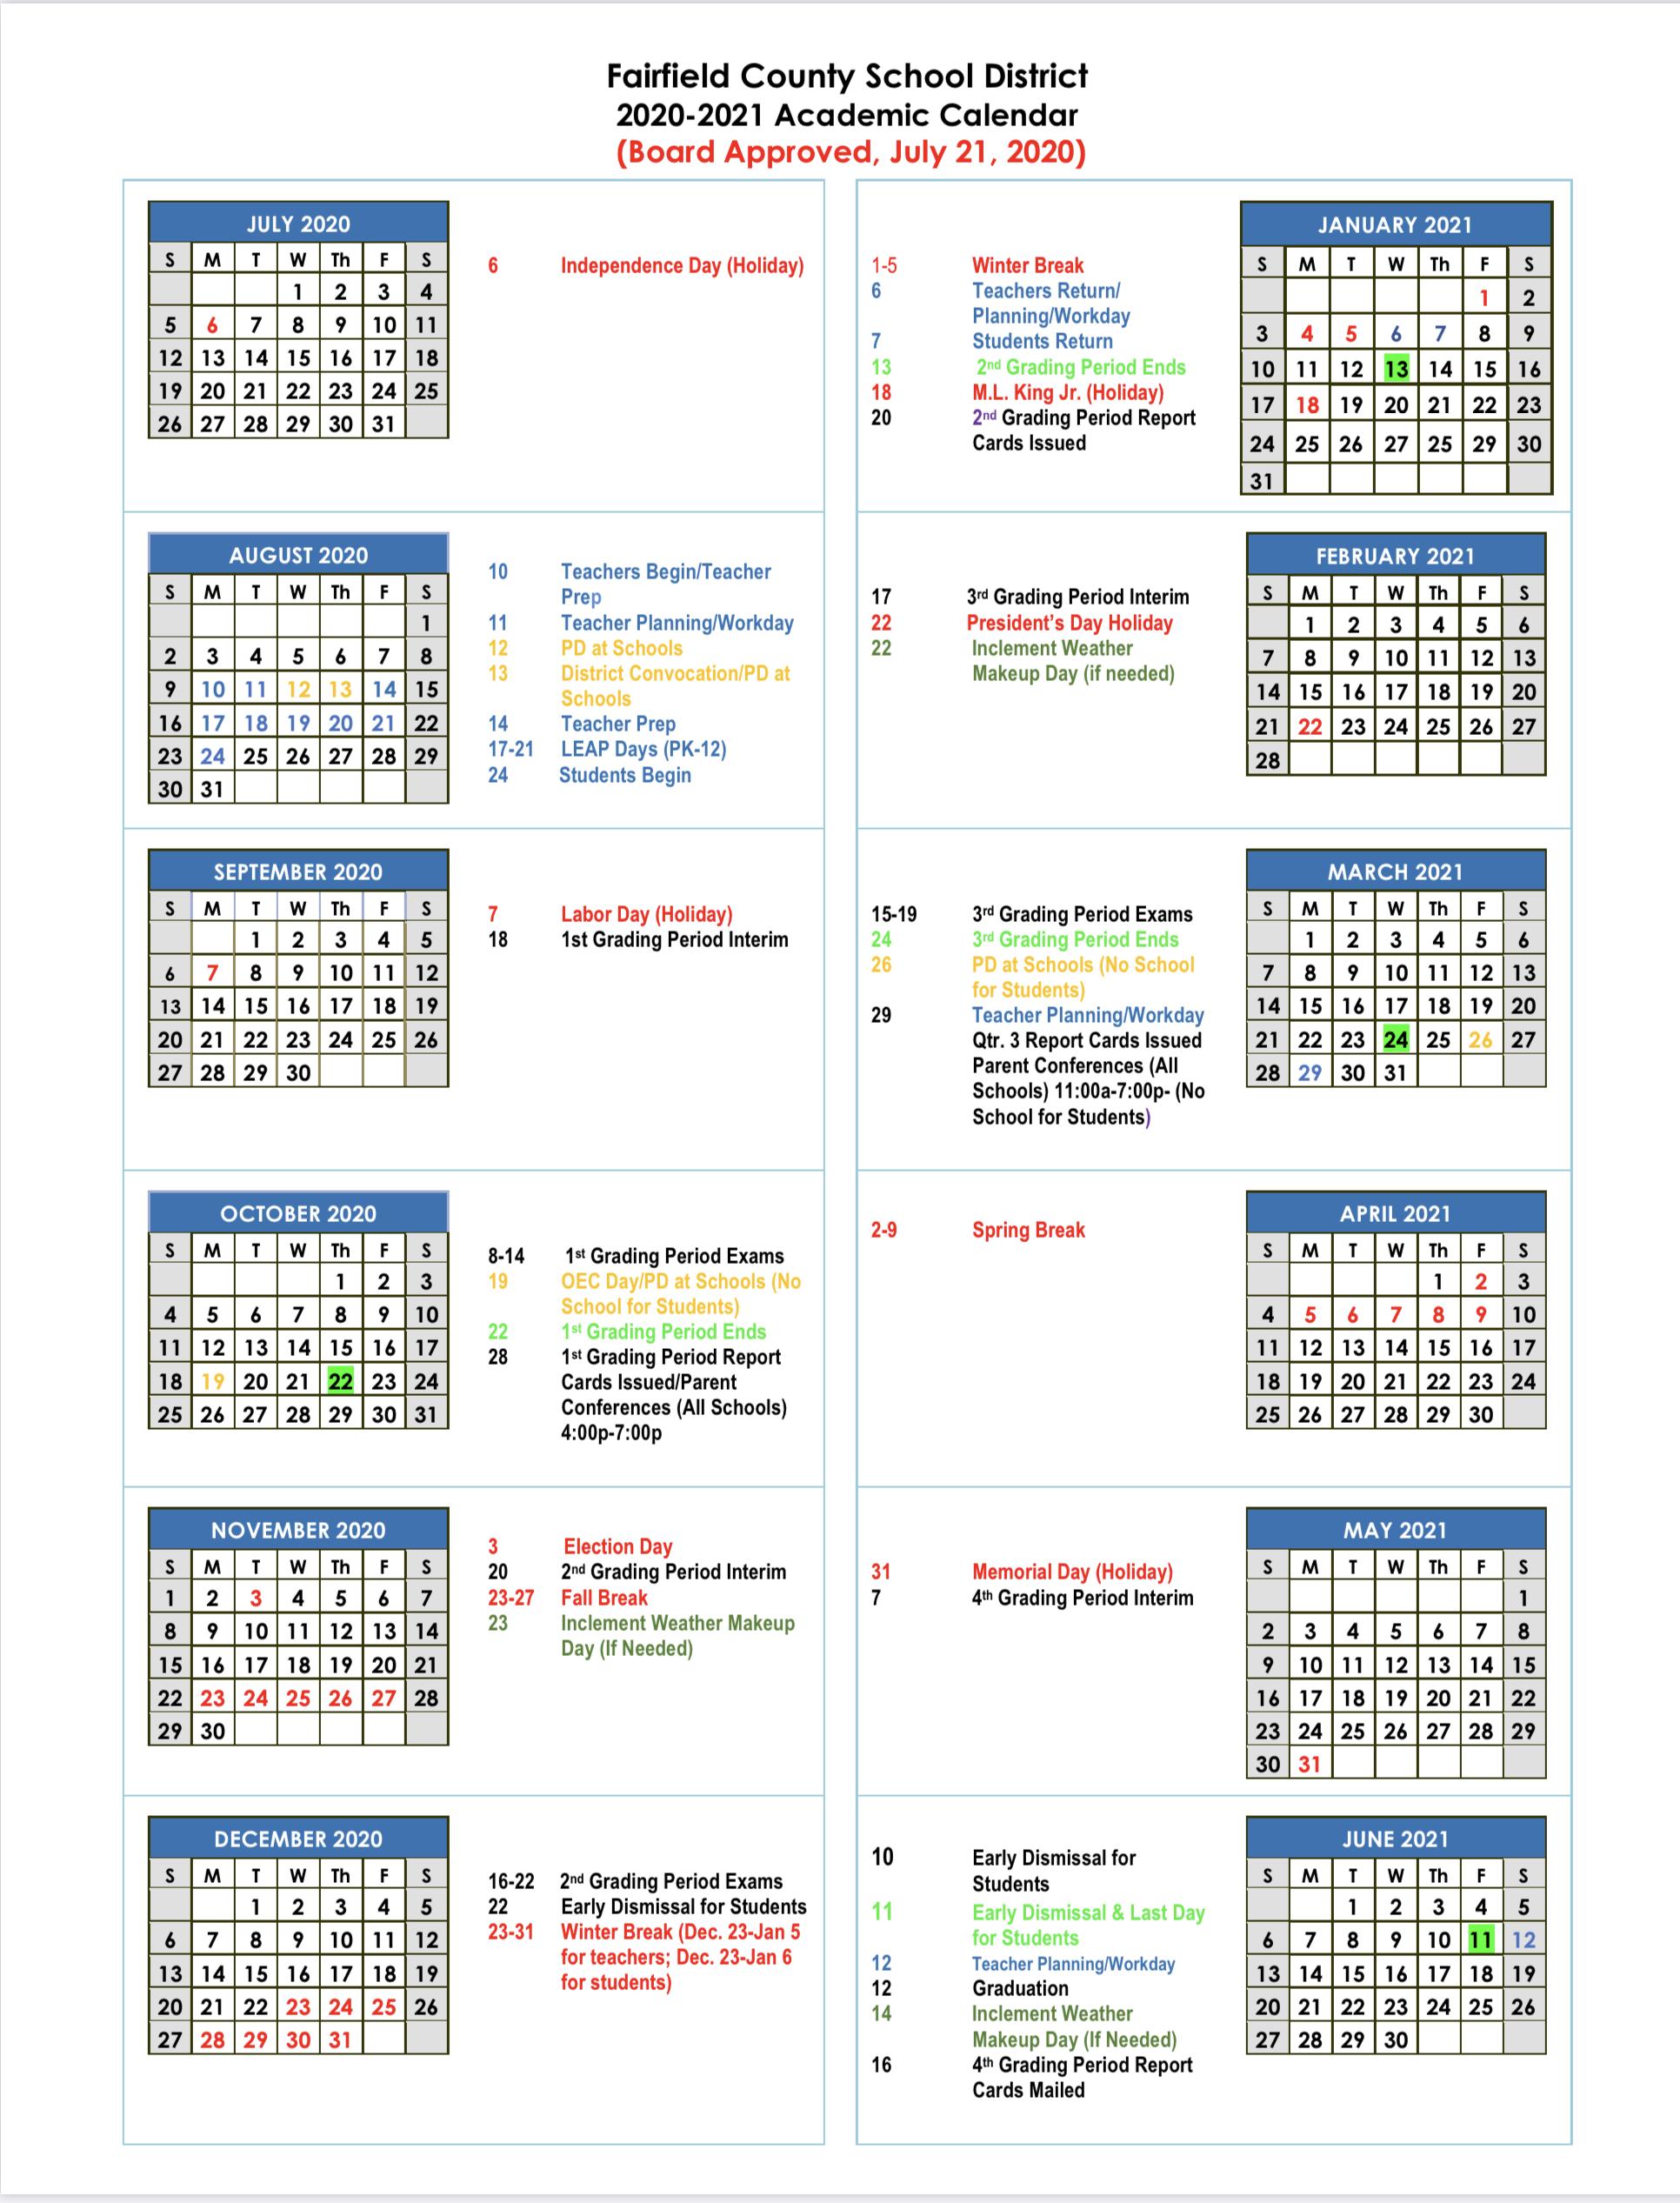 Fairfield Academic Calendar 2021 - Calendar 2021